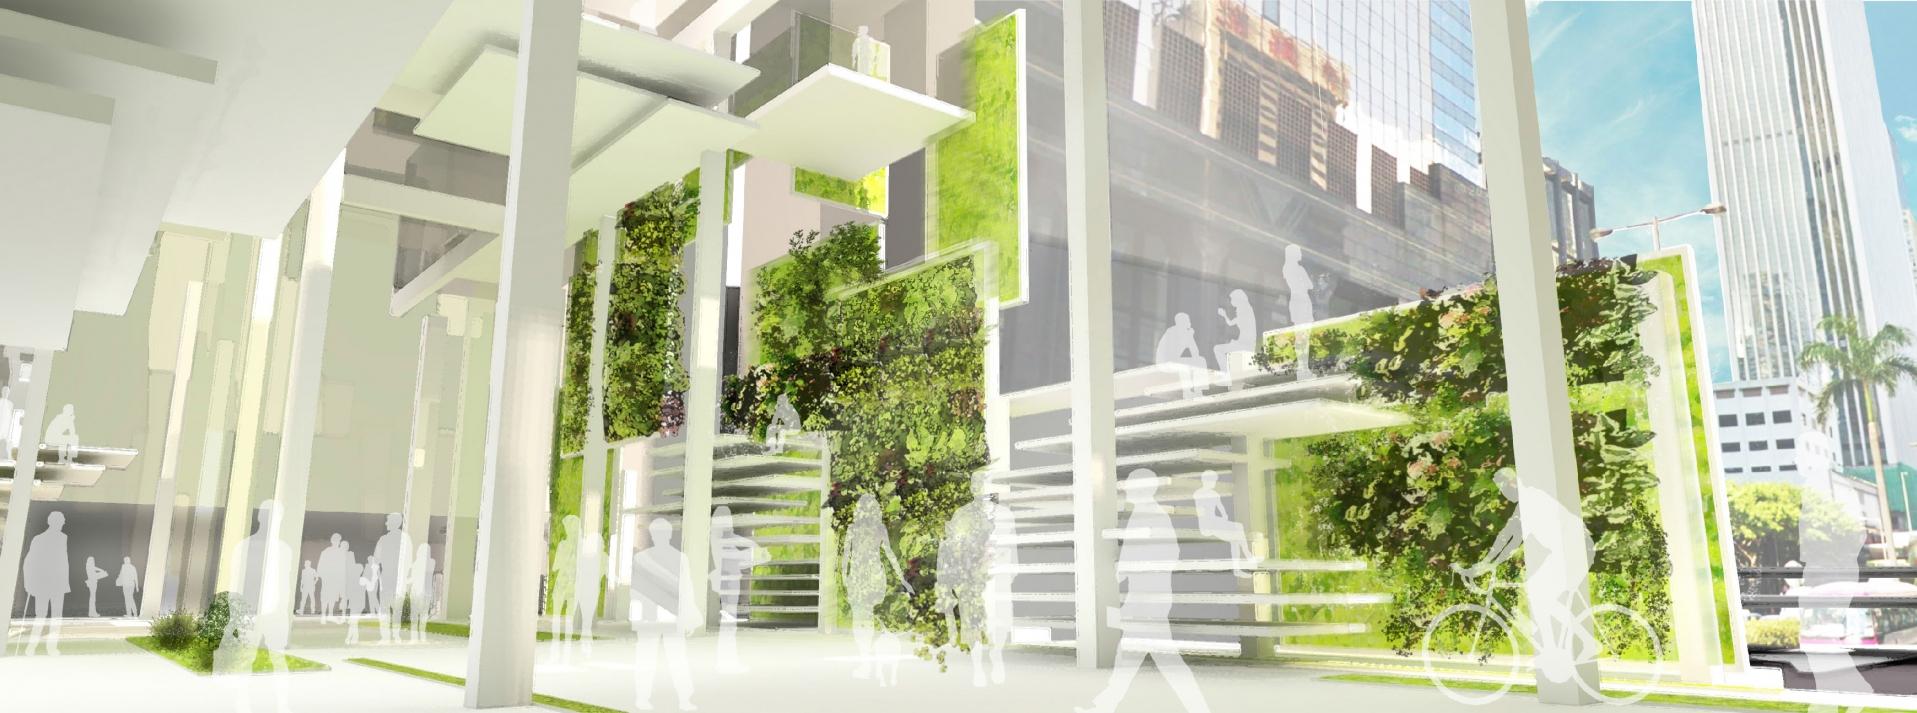 Architecture Urban Design Iii Arch 5001 Urban Spine